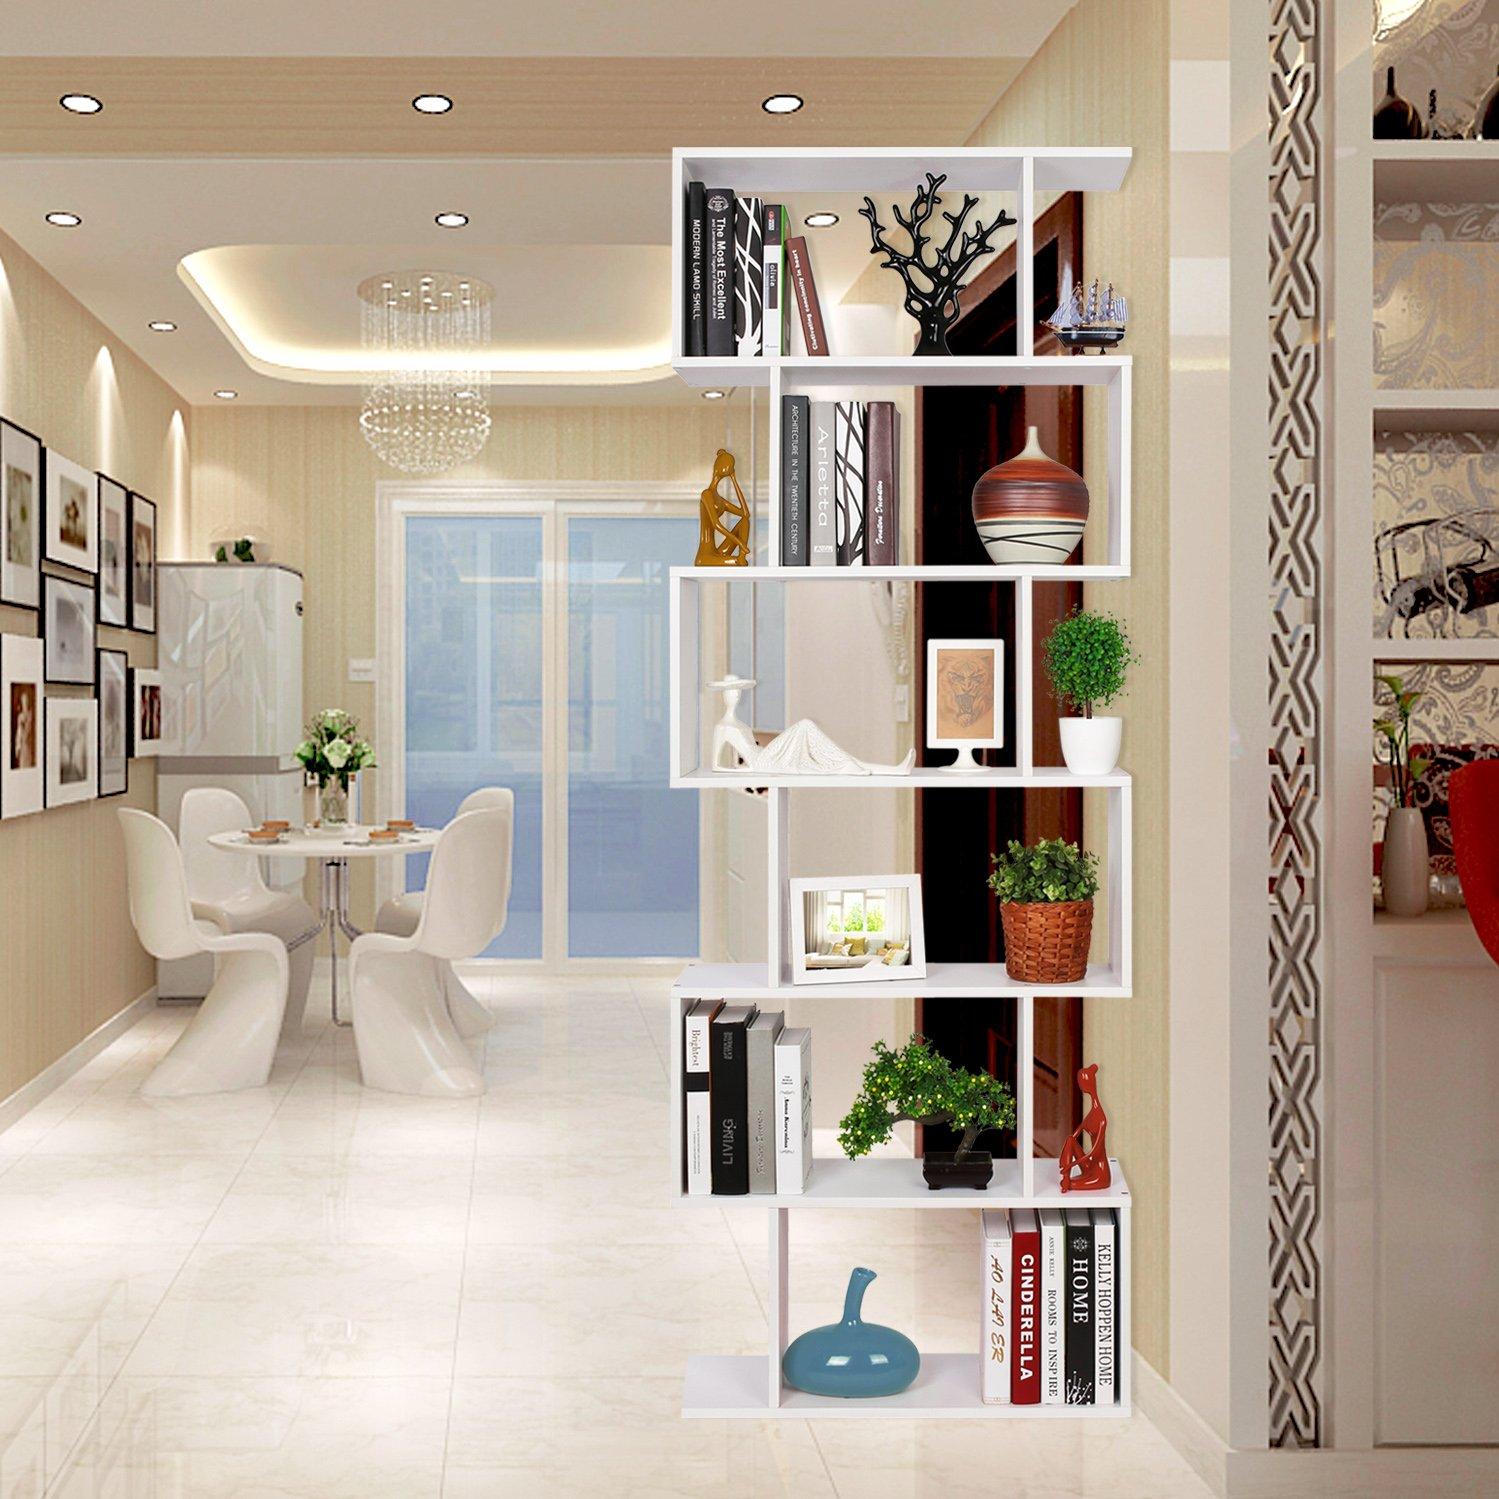 Homfa scaffale libreria mobile soggiorno in legno mobile for Libreria soggiorno moderno